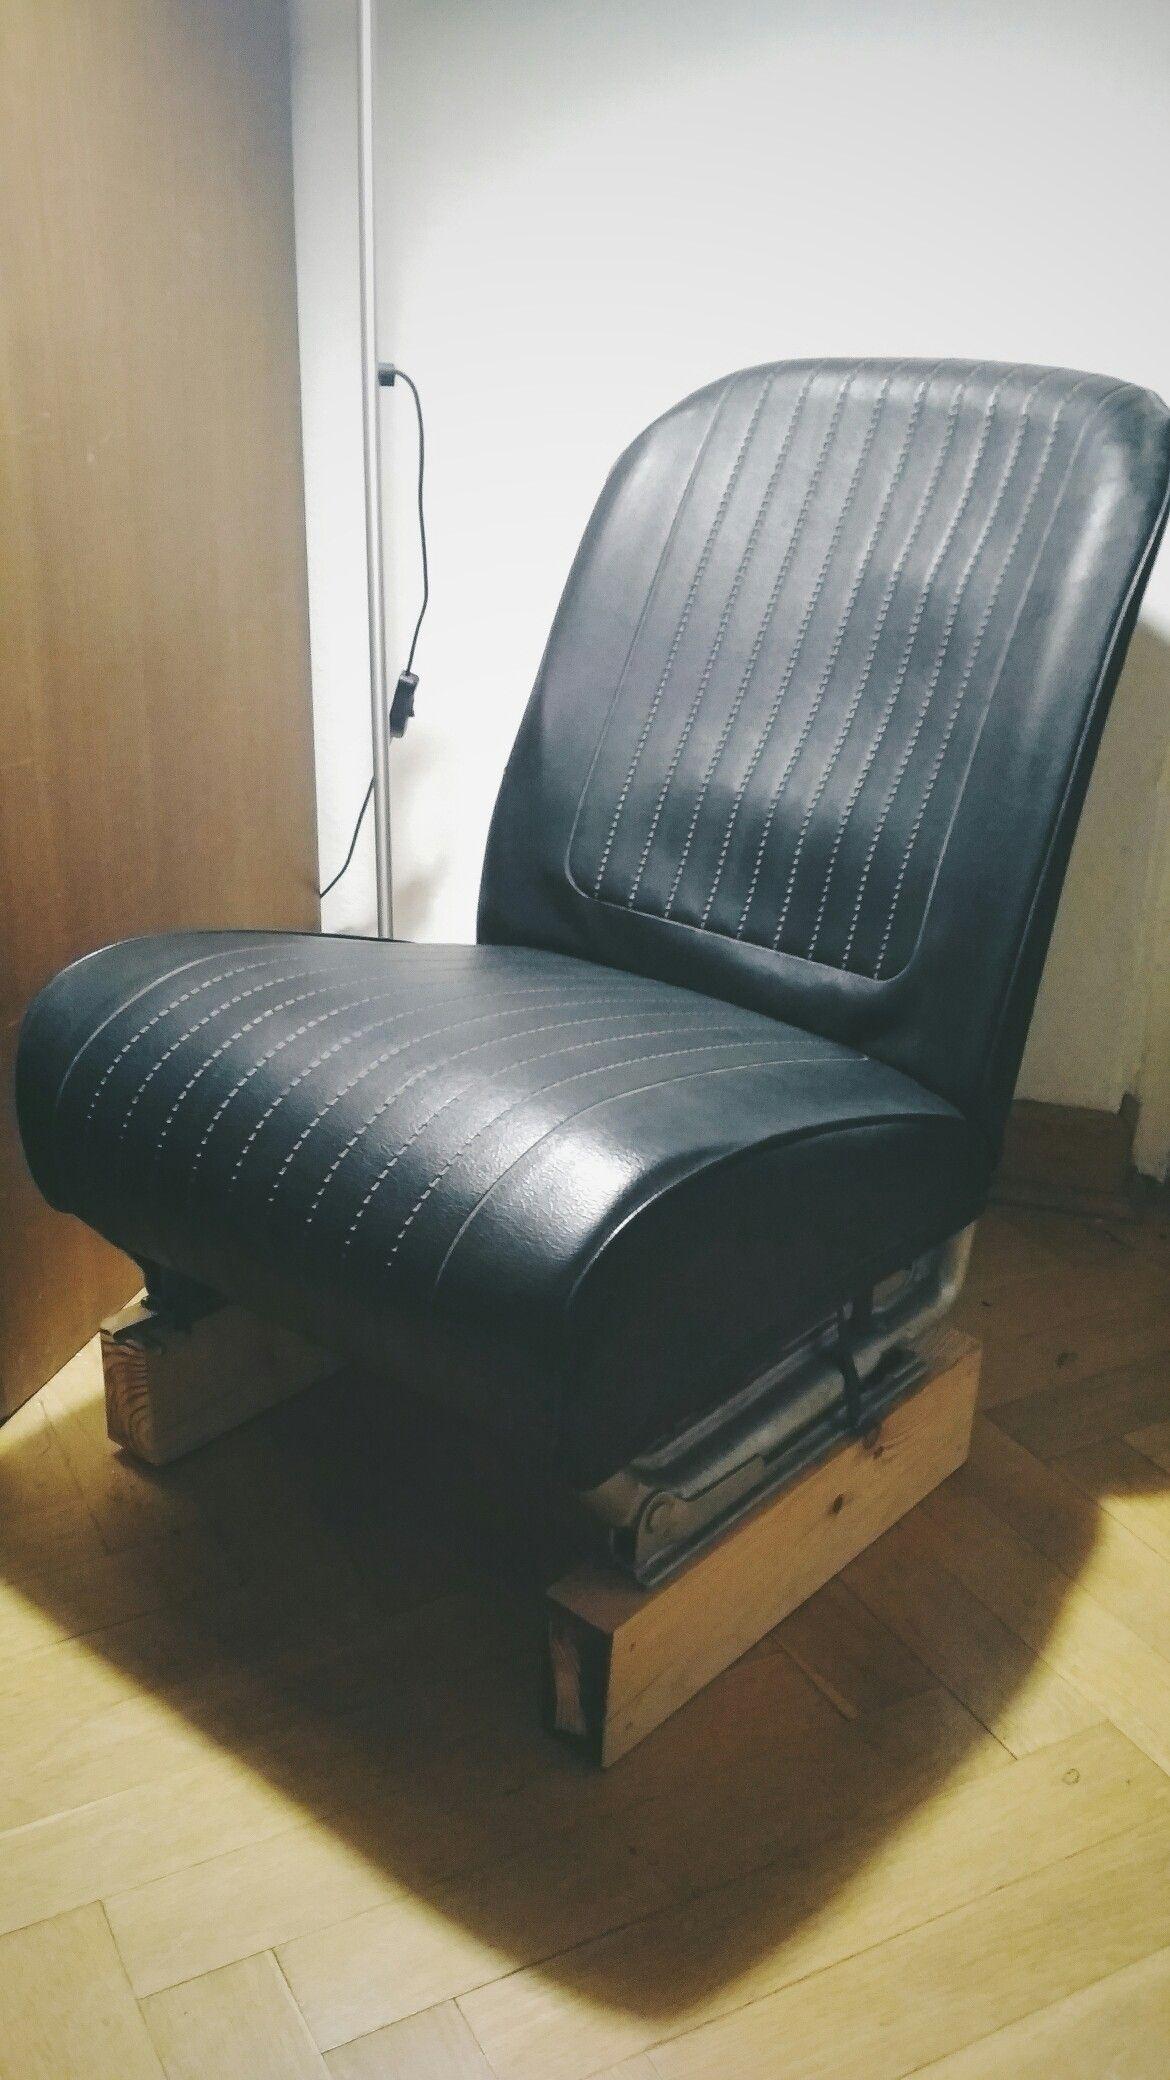 Chair from car 126p. Car furniture DIY